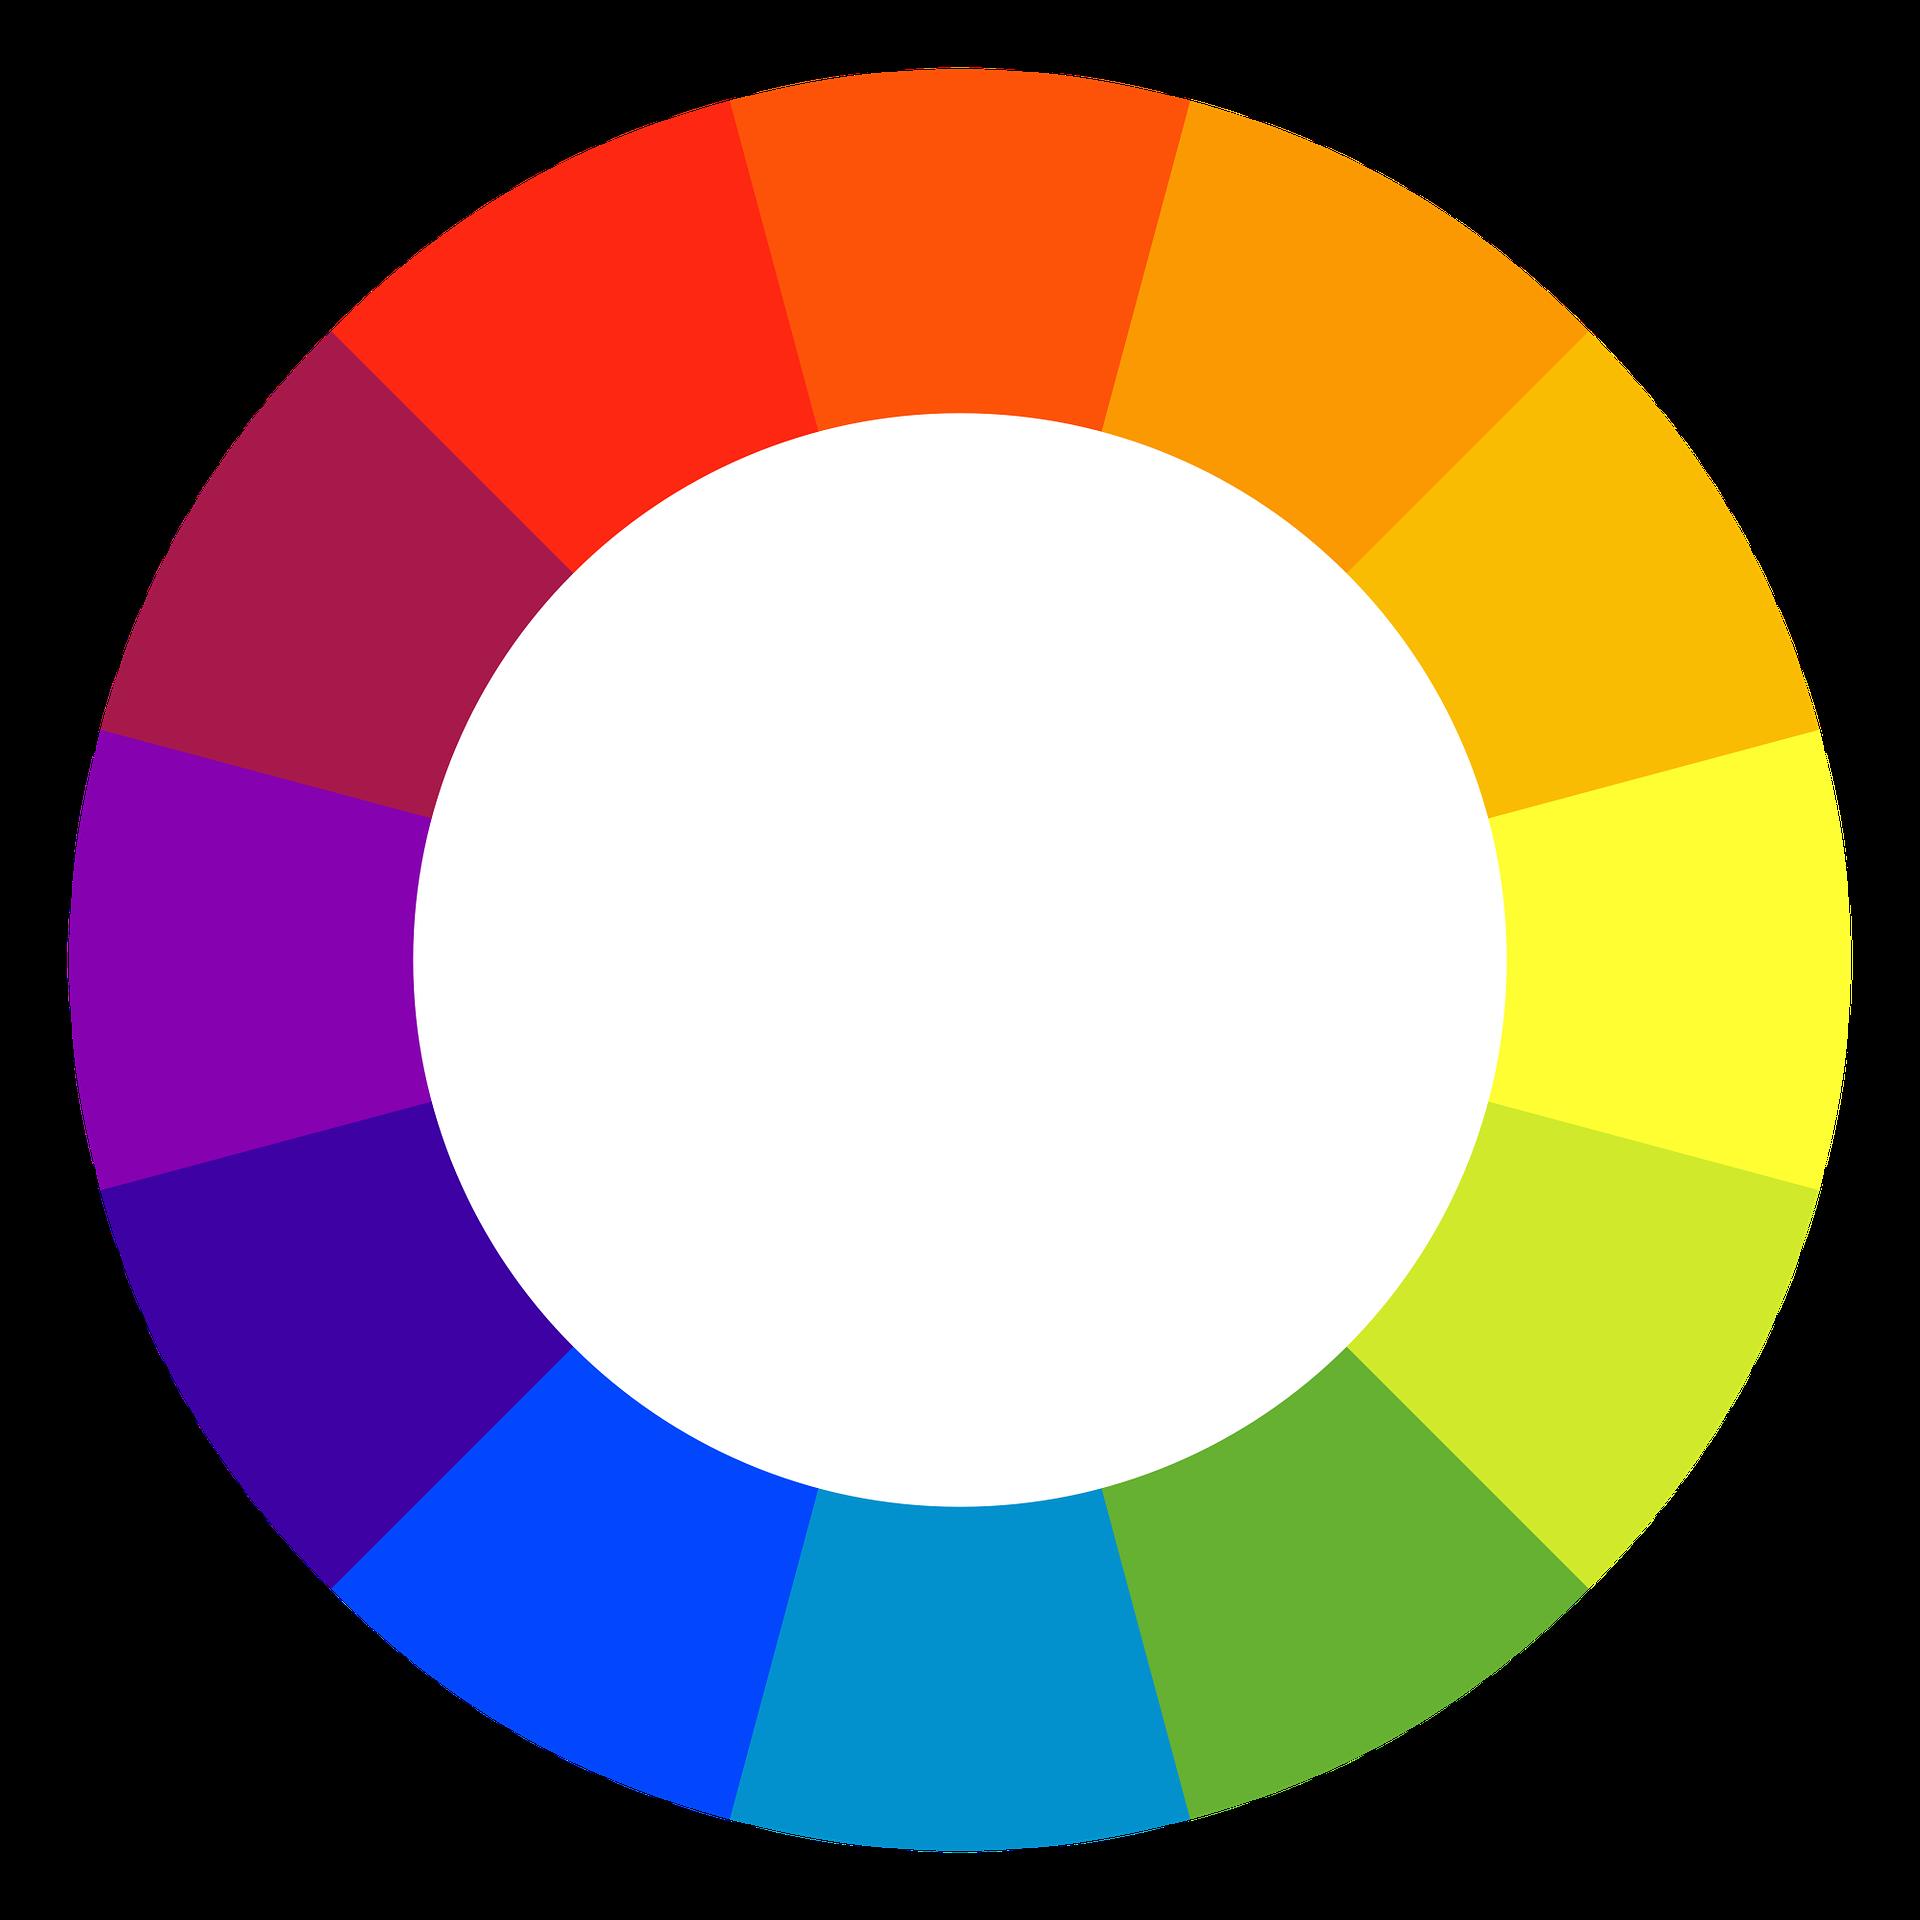 el color de la portada